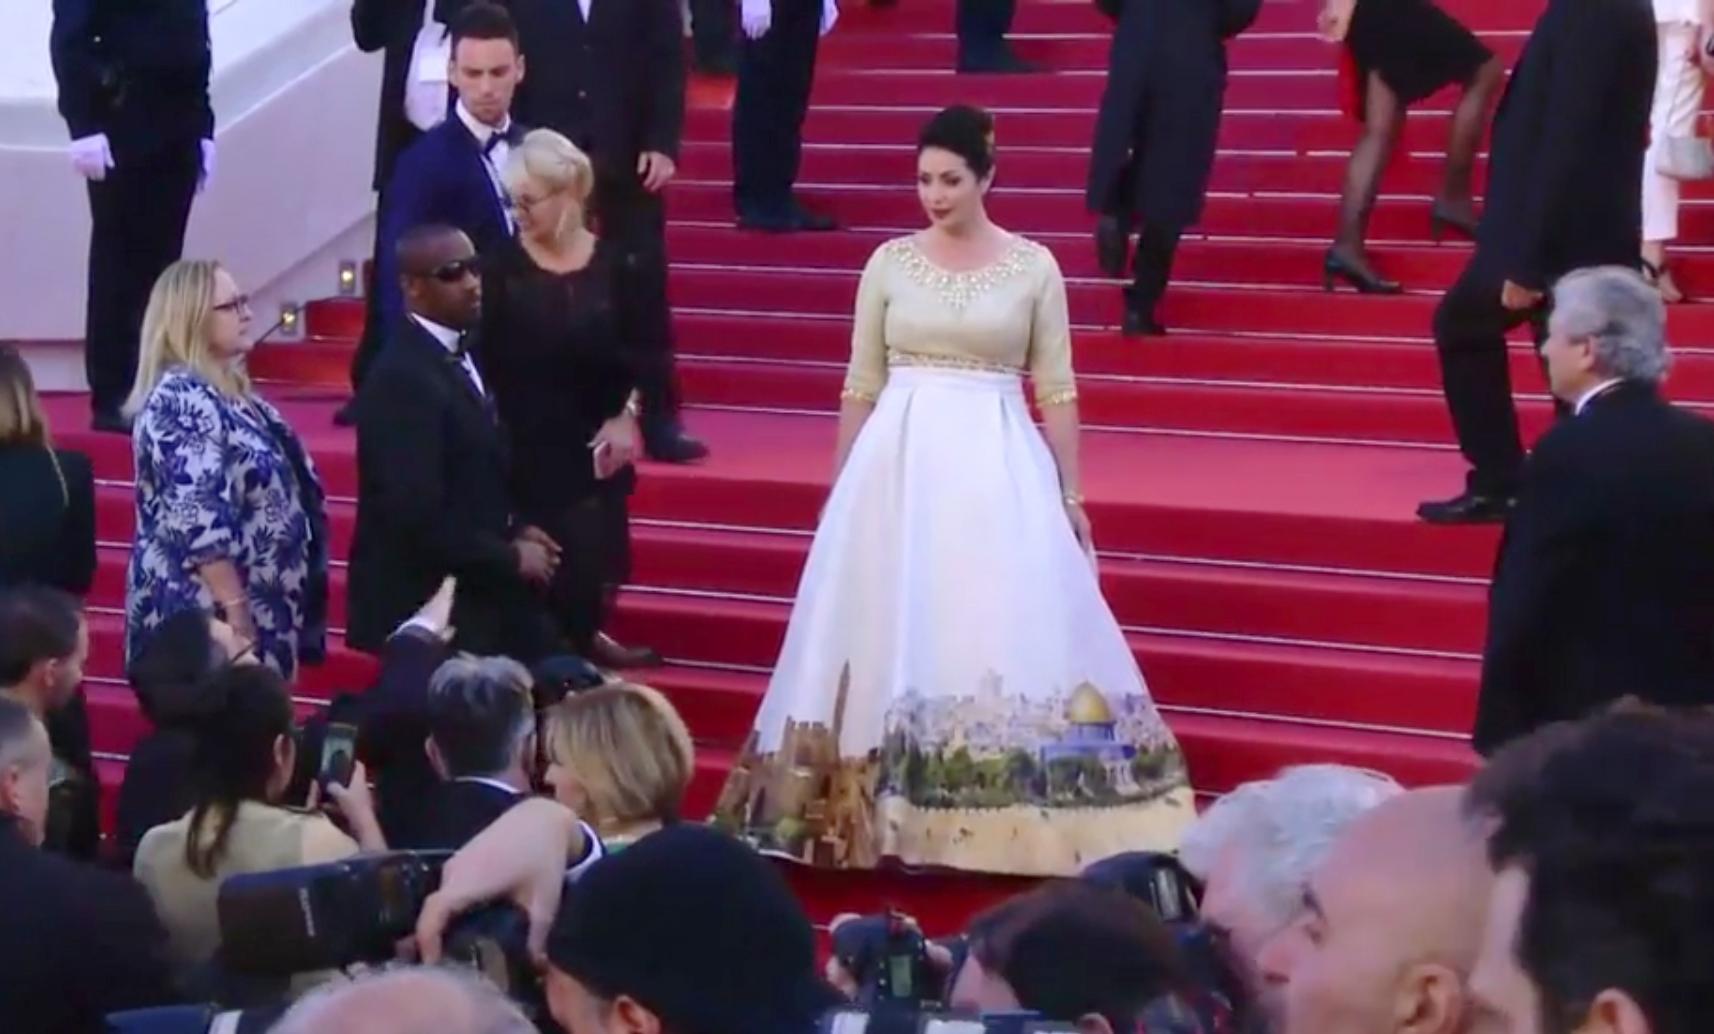 Este es el impactante vestido que esta causando indignación (FOTOS)